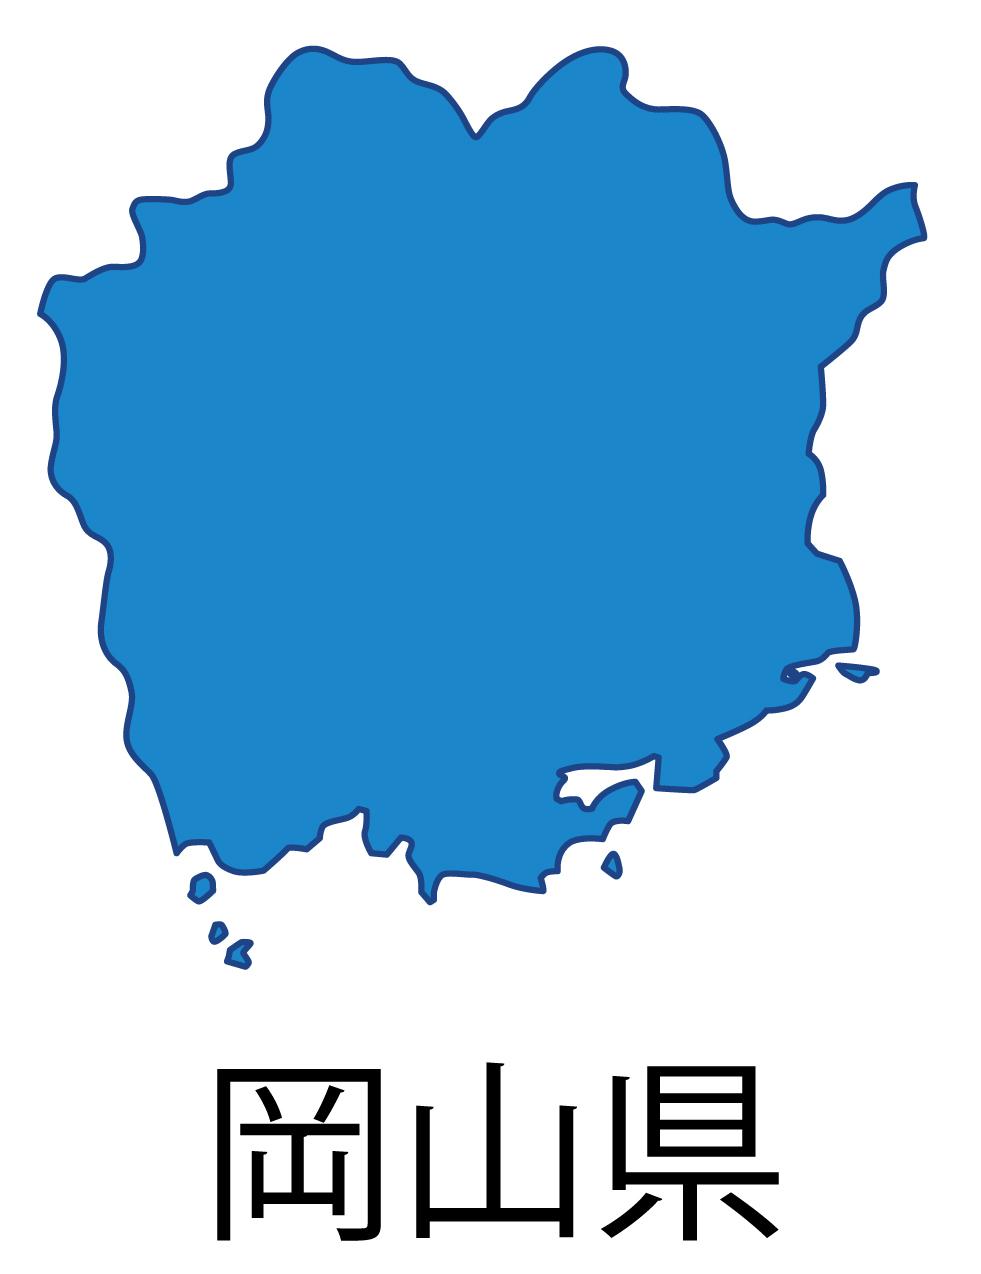 岡山県無料フリーイラスト|日本語・都道府県名あり(青)